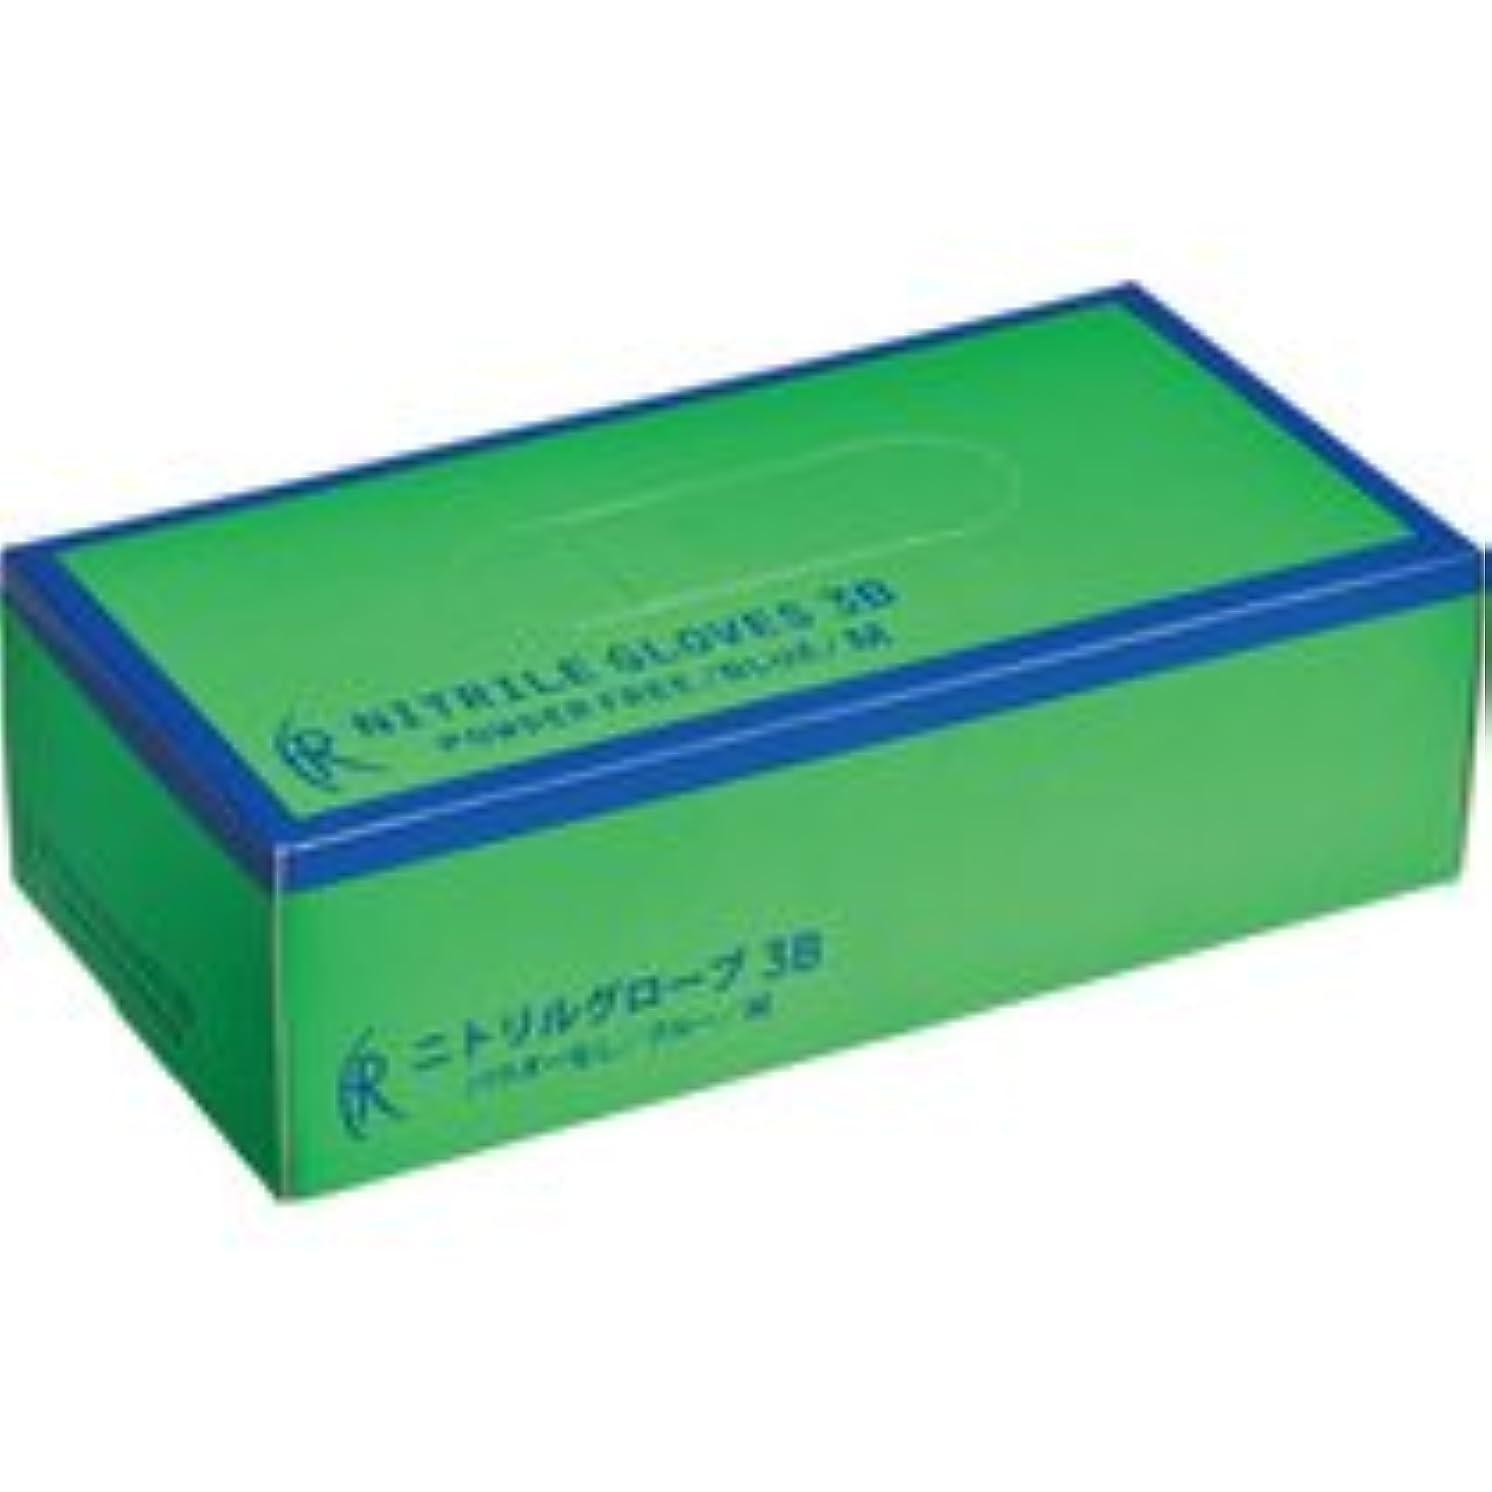 ささやき普通のインタフェースファーストレイト ニトリルグローブ3B パウダーフリー M FR-5662 1セット(2000枚:200枚×10箱)